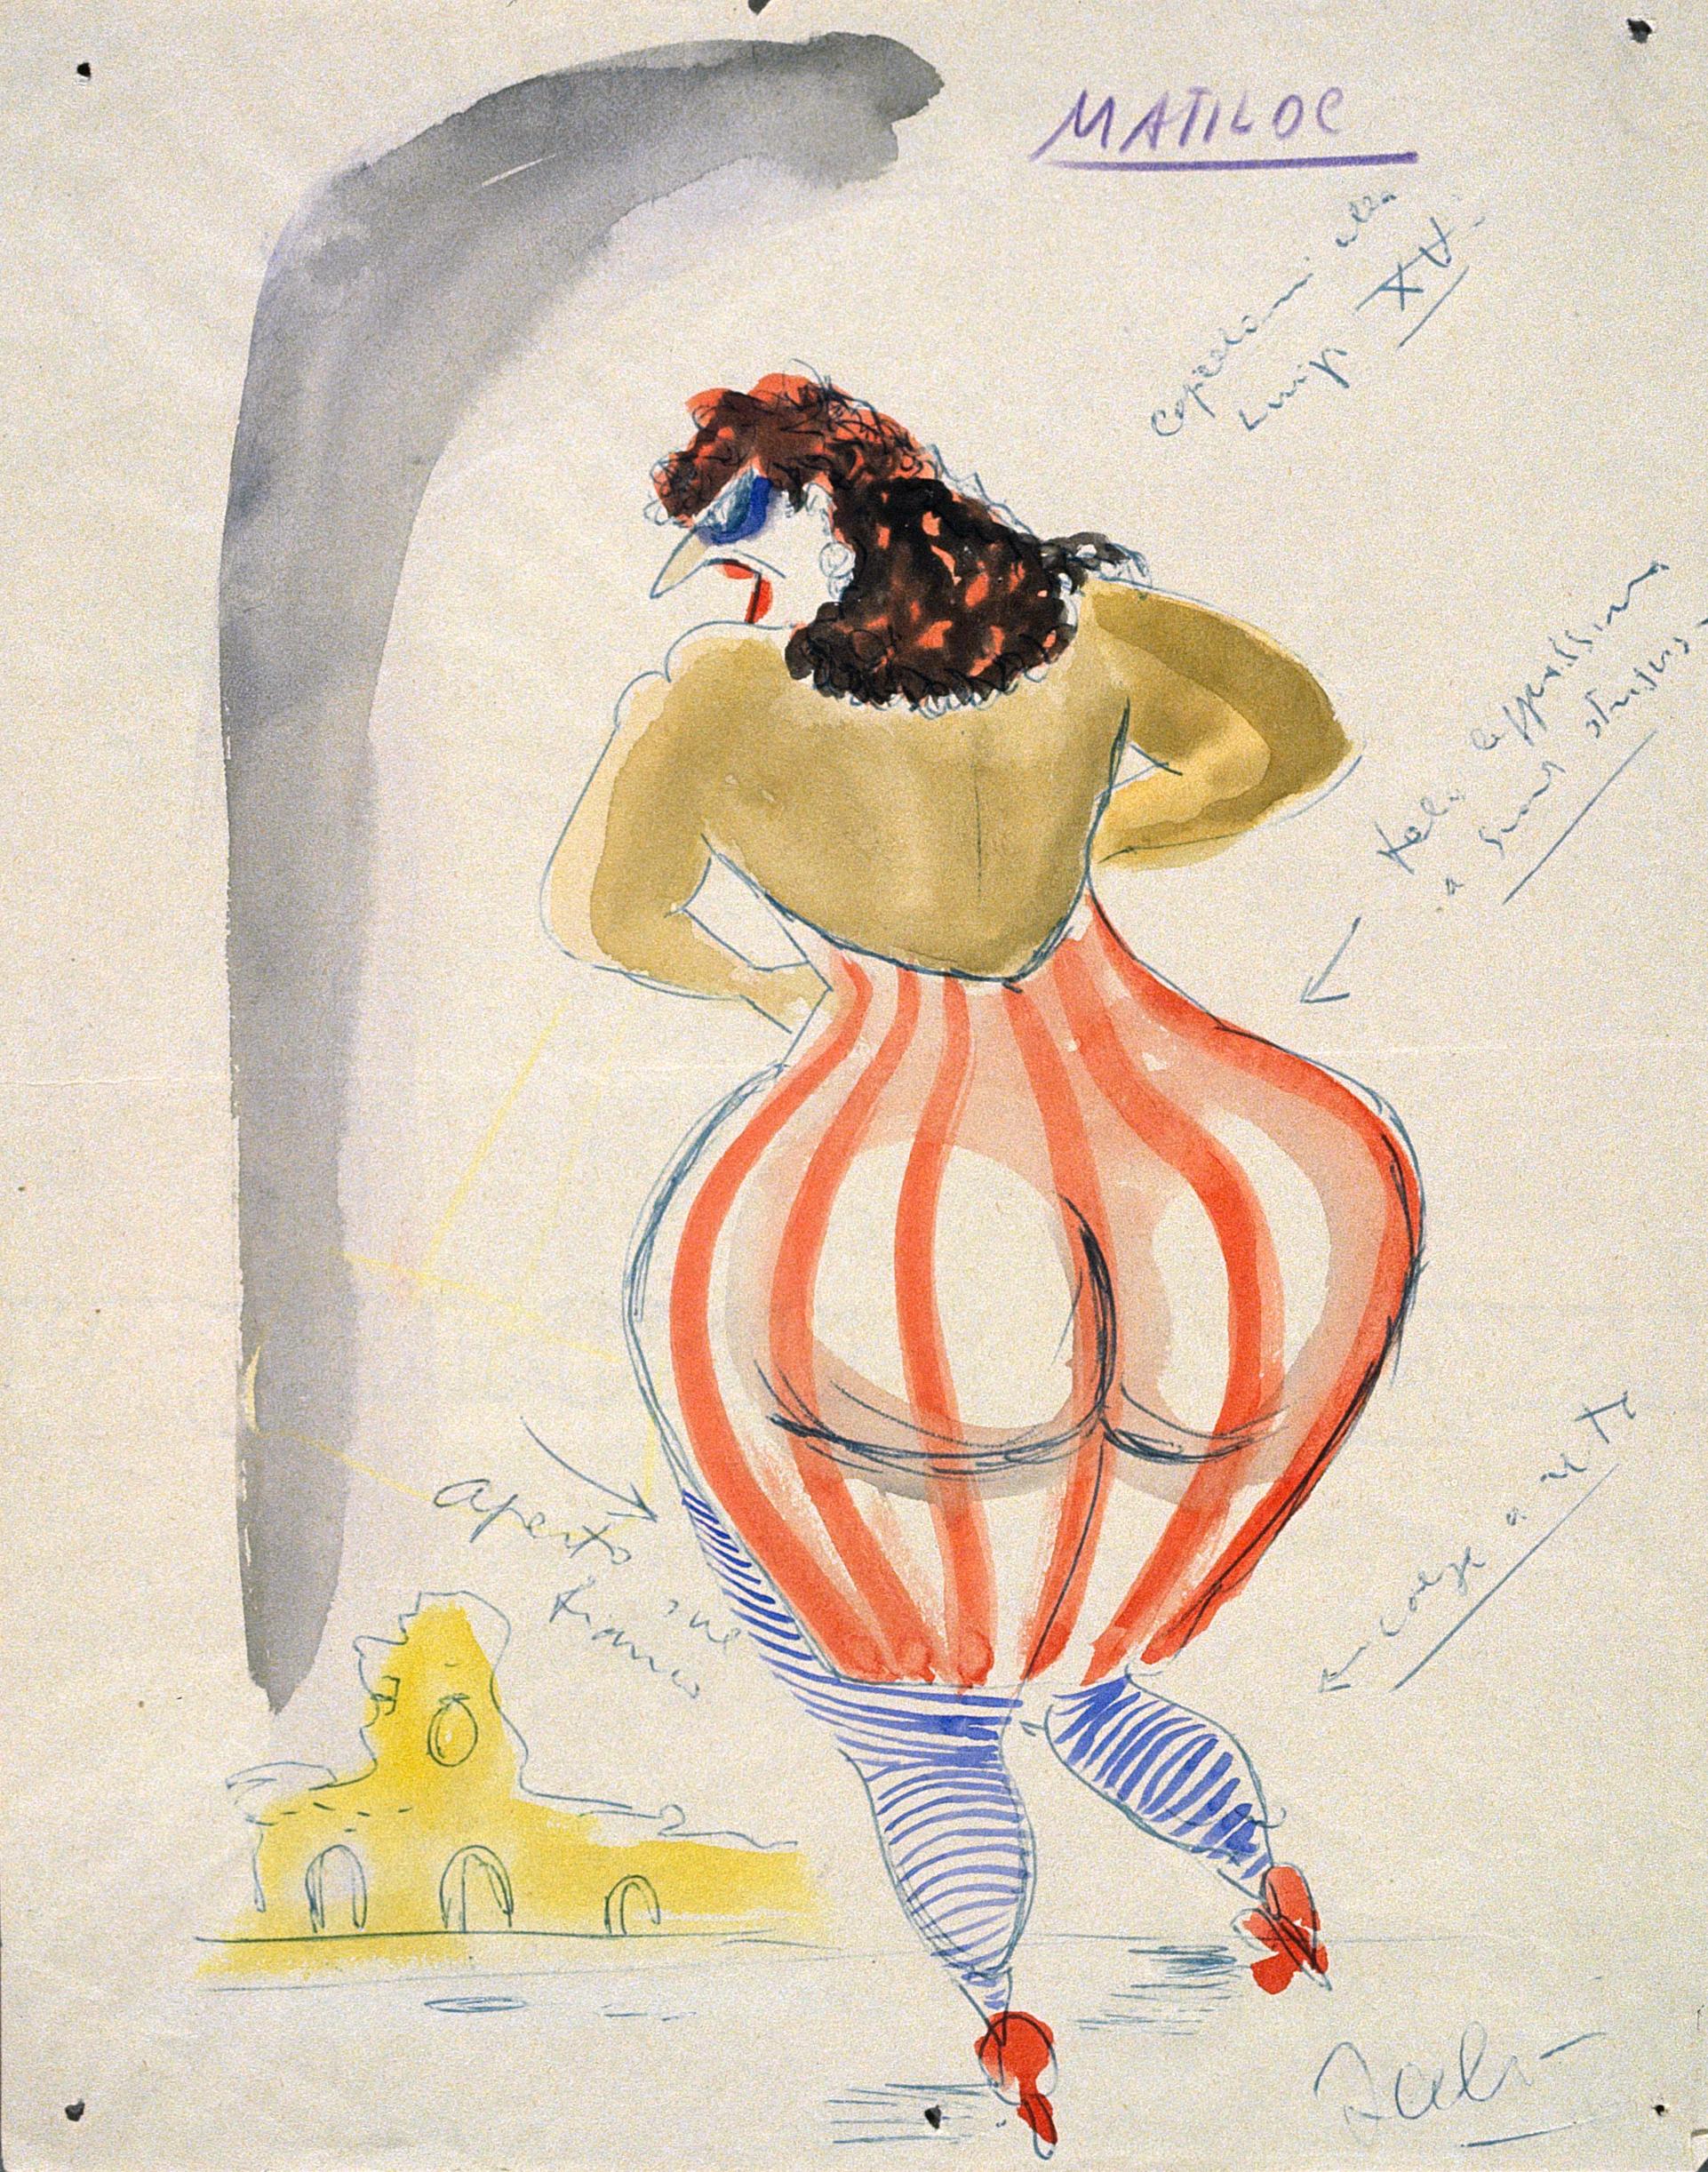 Federico Fellini. Maquette du costume de Matilda pour son film  Les Nuits de Cabiria , 1957. Aquarelle et stylo-bille sur papier, 52,6 x 42,6 cm © ADAGP, Paris, 2019